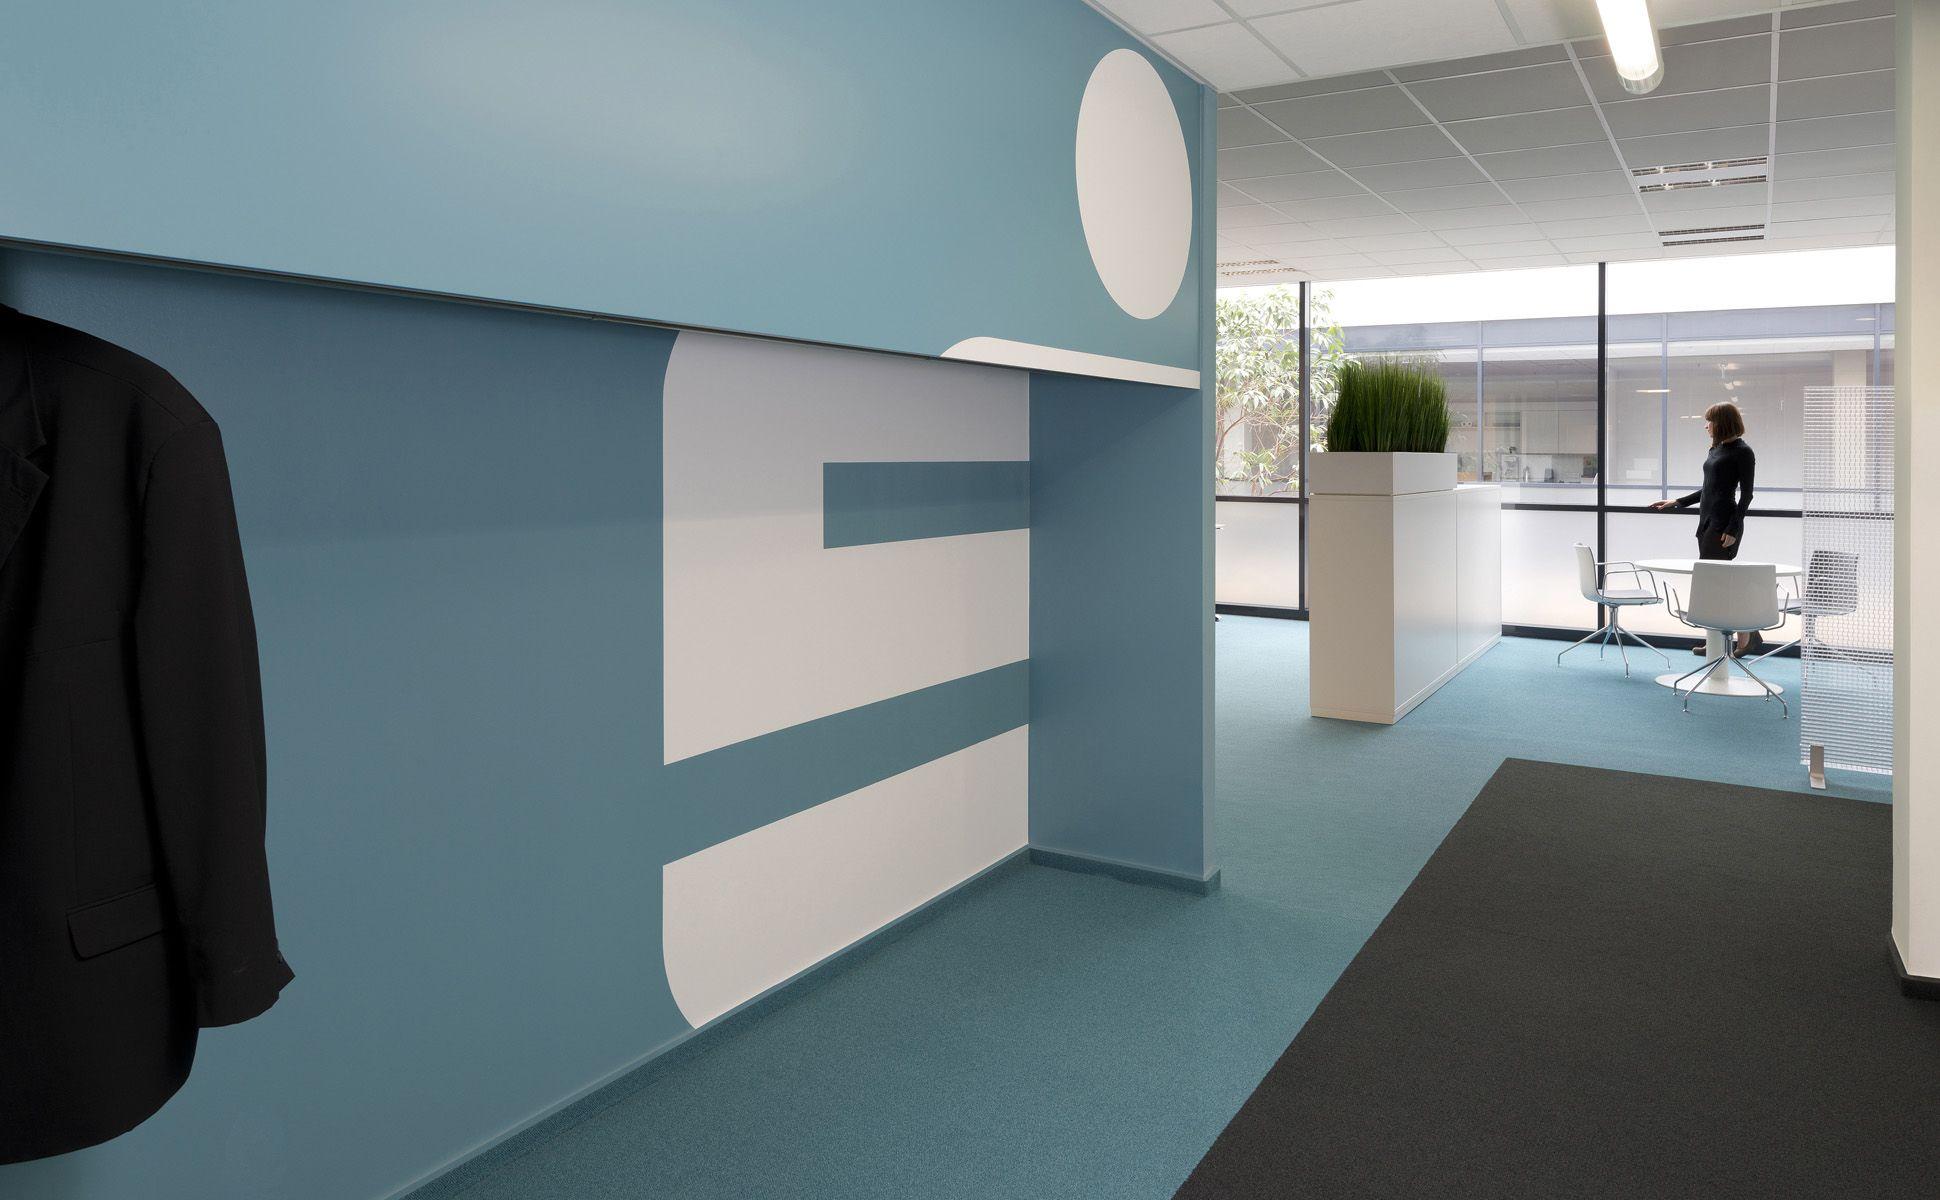 Verwaltungszentrum Sparkasse Iserlohn, Open Space: Markenarchitektur ...